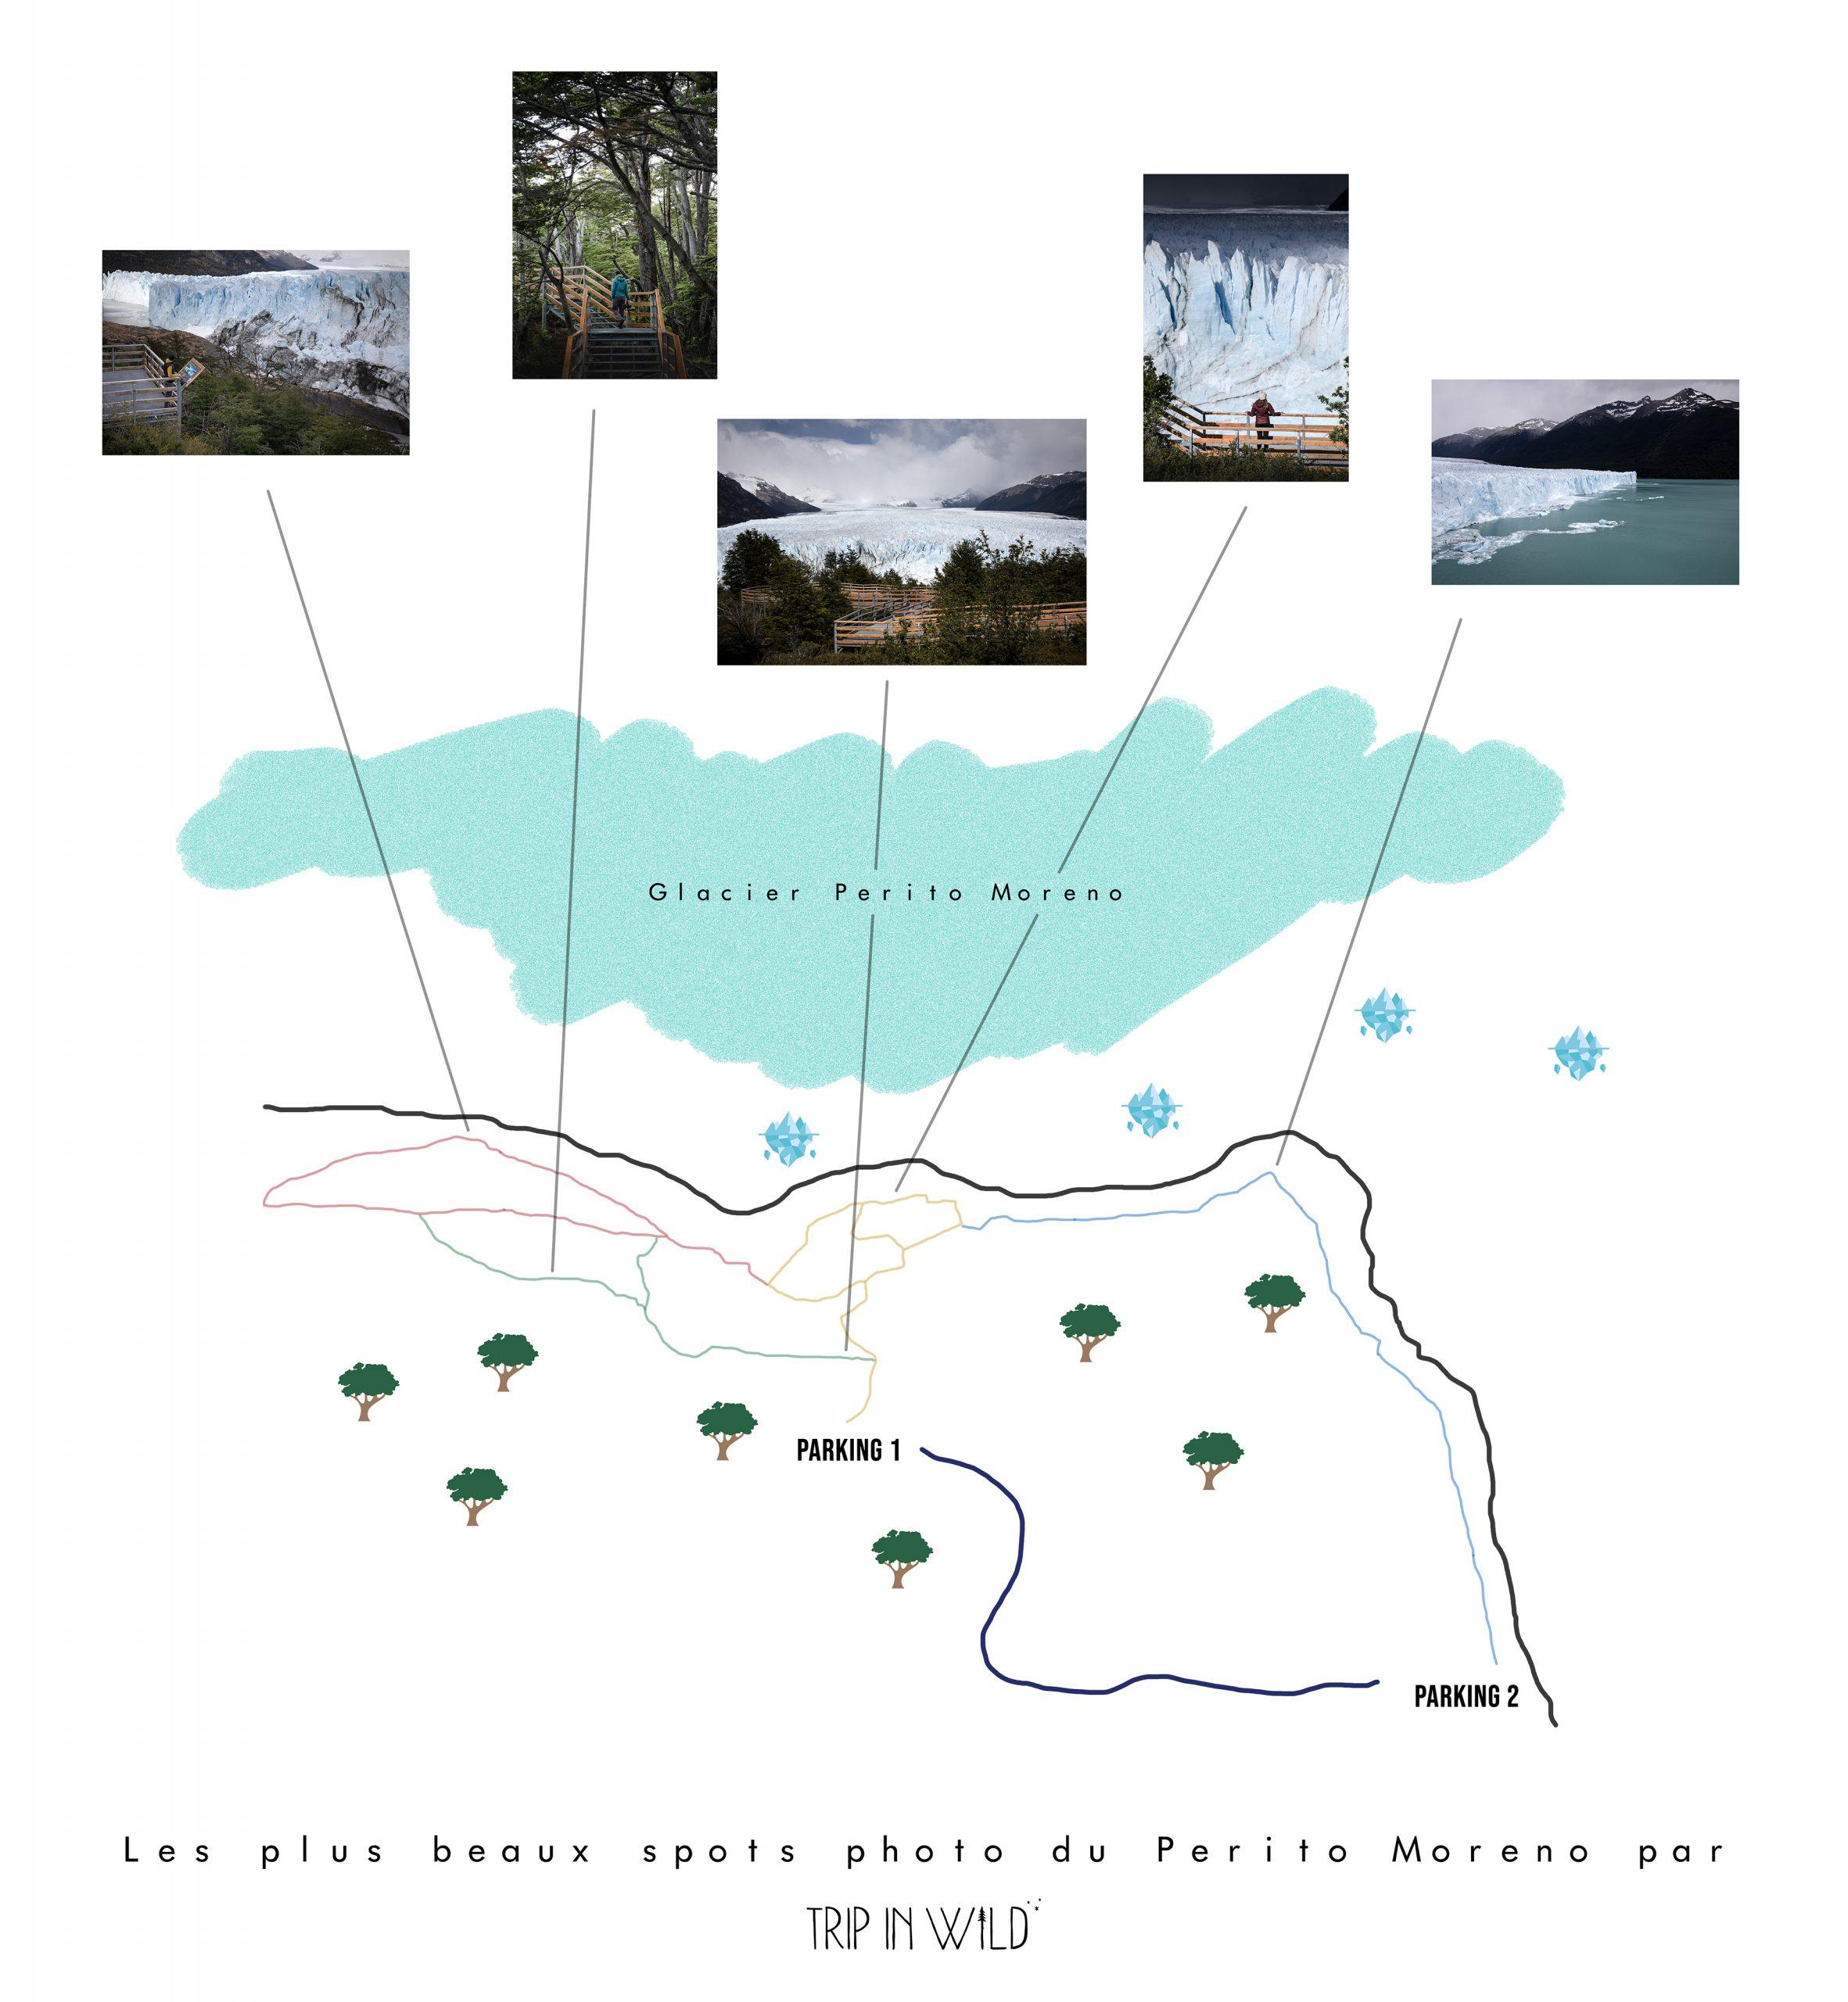 photographier le Perito Moreno